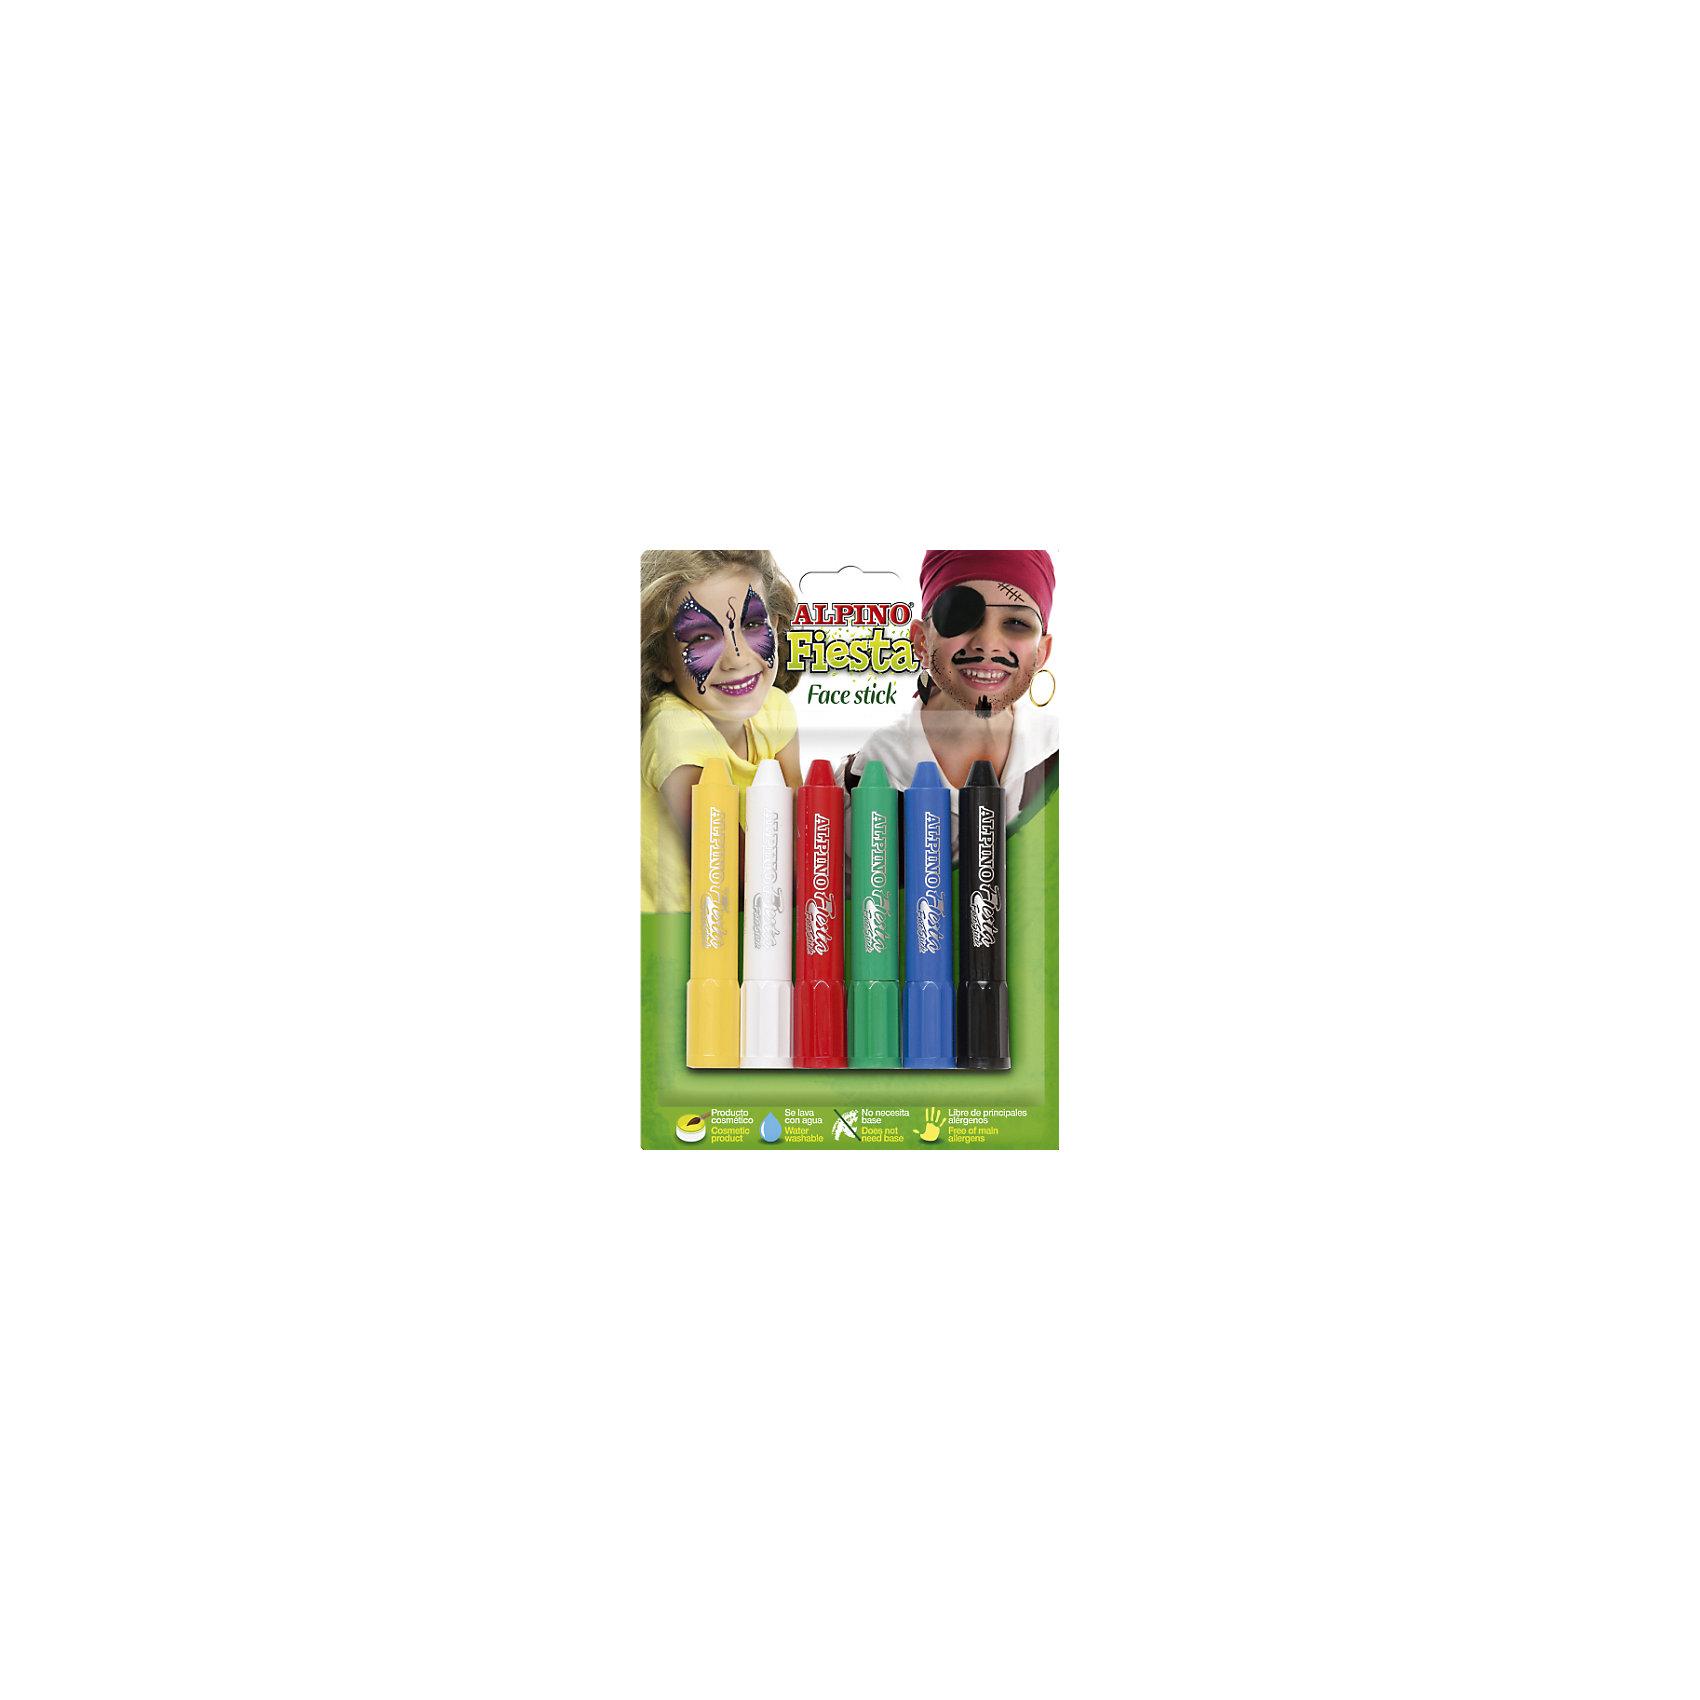 Детский аквагрим Face Stick (макияжные карандаши), 6*5 гр, 6 цв.Косметика, грим и парфюмерия<br>Экологичная детская декоративная косметика европейского производства, изготовленная по наилучшим существующим технологиям на основе растительных ингредиентов и воды<br>Не содержит компонентов молока, яиц, клейковины, орехов, бобов, латекса и других потенциально аллергенных ингредиентов (Non-Allergic)<br>Разрешена для применения детьми от 3 лет по европейским стандартам качества и безопасности, а также нормам ТР ТС 009/2011 «О безопасности парфюмерно-косметической продукции» (включена в перечень детских товаров, допущенных к обращению во всех странах Таможенного союза)<br>Рекомендуется педагогами и медицинскими специалистами для эффективного развития детей в ходе игровых форм обучения и воспитания. Считается лучшей продукцией для художественного самодеятельного творчества, детских праздников, дискотек и других культурно-развлекательных и спортивно–зрелищных молодежных мероприятий<br>Состав набора: макияжные карандаши в пластиковом корпусе (6 x 5 гр, 6 цв.)<br>Макияжные карандаши имеют особую кремовую мягкость, высокую кроющую способность и представлены в наборе жёлтым, белым, красным, зелёным, синим и чёрным цветами. Различные цвета могут смешиваться, позволяя получать новые цвета и оттенки. Нанесённый макияж не пачкается и имеет глянцевый тон. Пластиковый тюбик позволяет хранить и переносить карандаши вне упаковки, например, в карманах, пеналах, портфеле или ранце. Набор является идеальным решением для создания нужного образа на празднике или для дружной и выразительной поддержки любимой команды на спортивных, музыкальных, художественных и иных состязаниях и конкурсах<br>Предварительное нанесение пасты-грунта не требуется, продукция безопасна при интенсивном контакте с кожей в течение длительного времени (не менее 24 часов)<br>Легко смывается с кожи, не имеет запаха, не красится, не оставляет жирных пятен, отстирывается с детской одежды и других тканей в режиме обычной ст